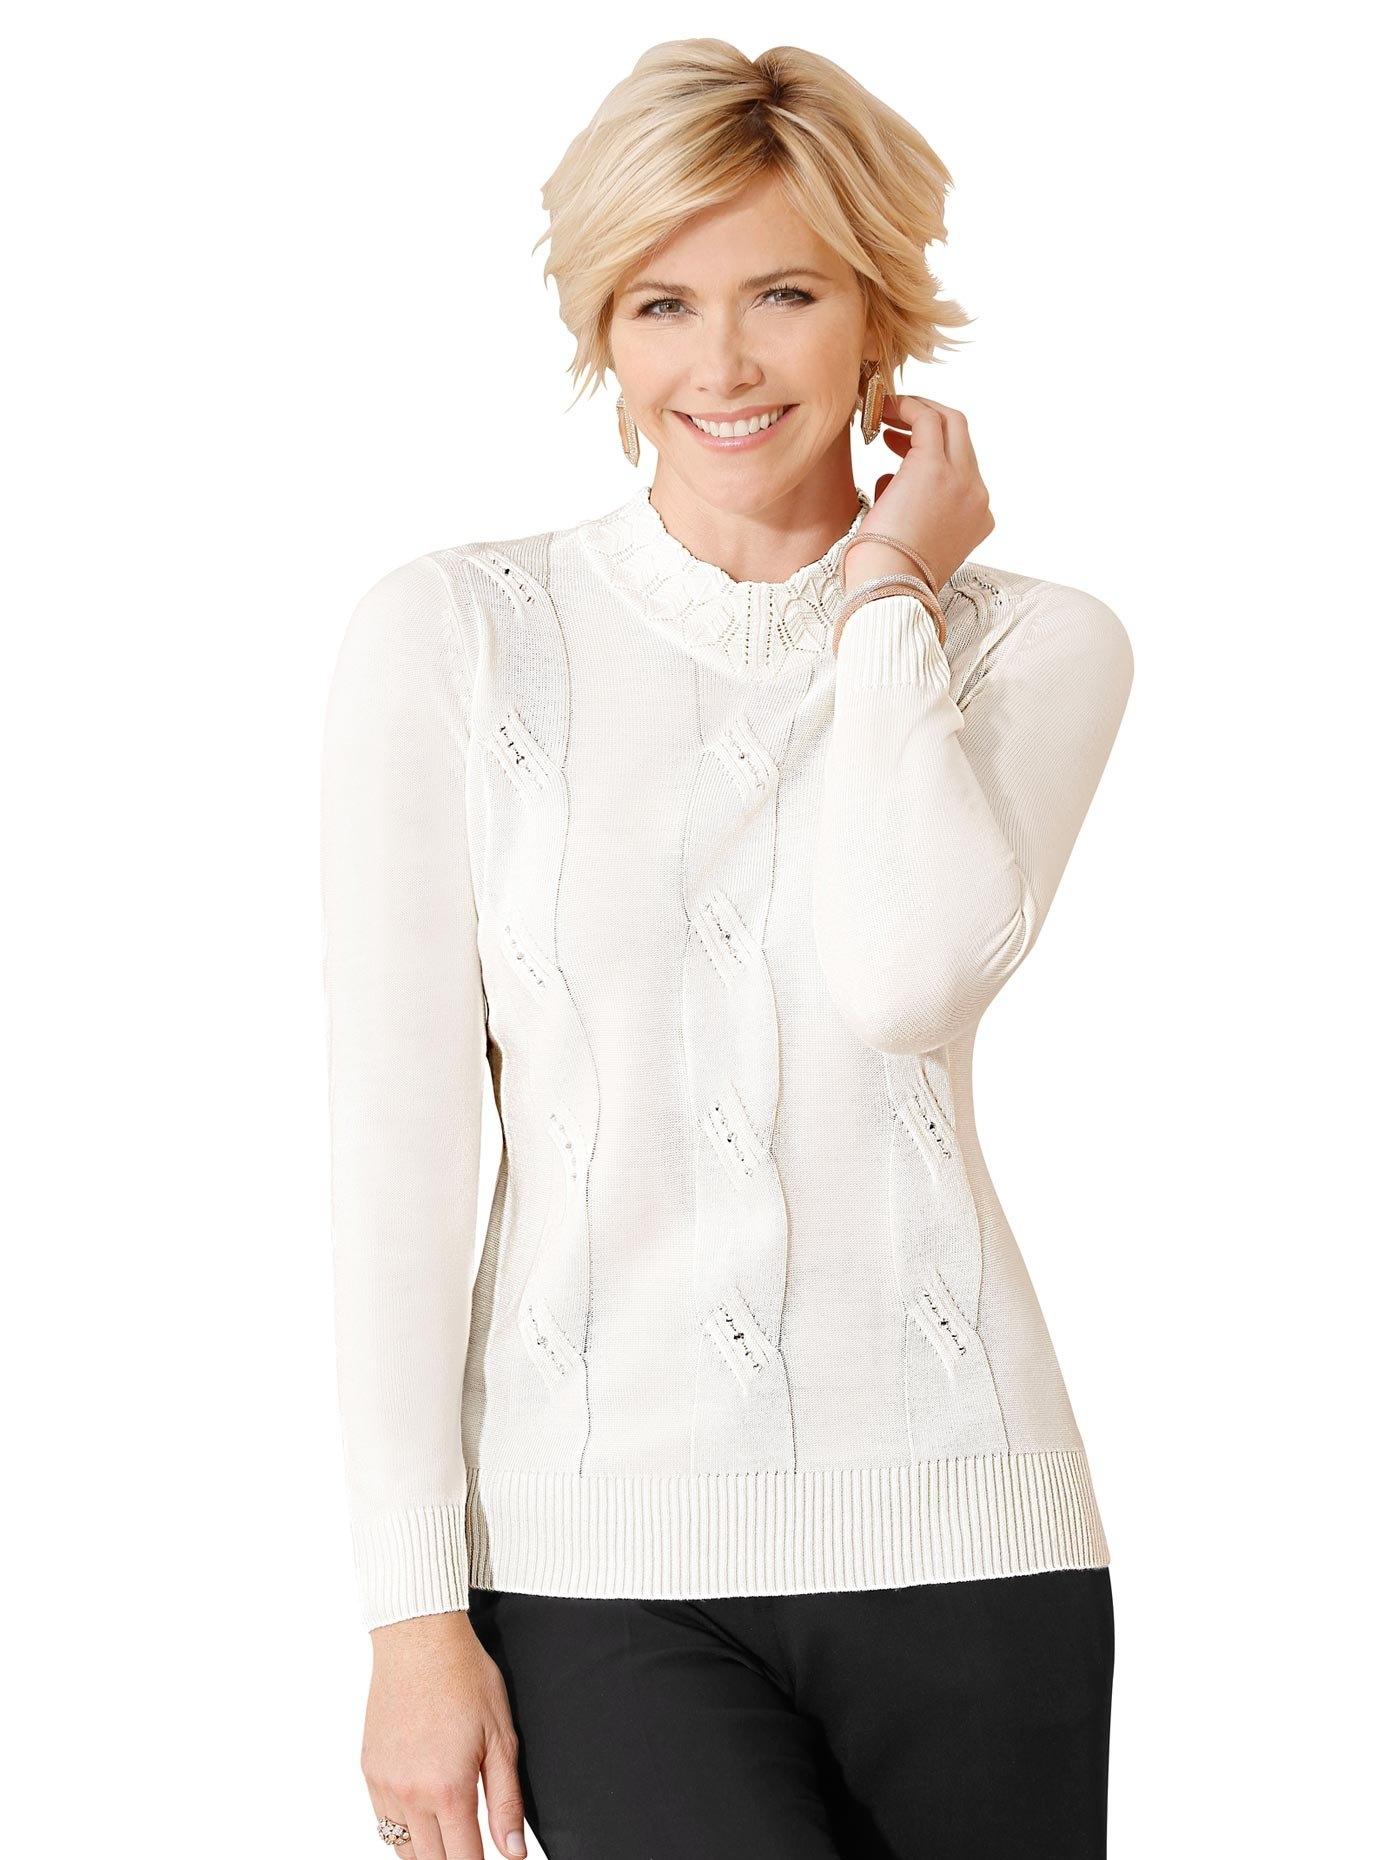 Op zoek naar een Classic trui met staande kraag Trui? Koop online bij OTTO